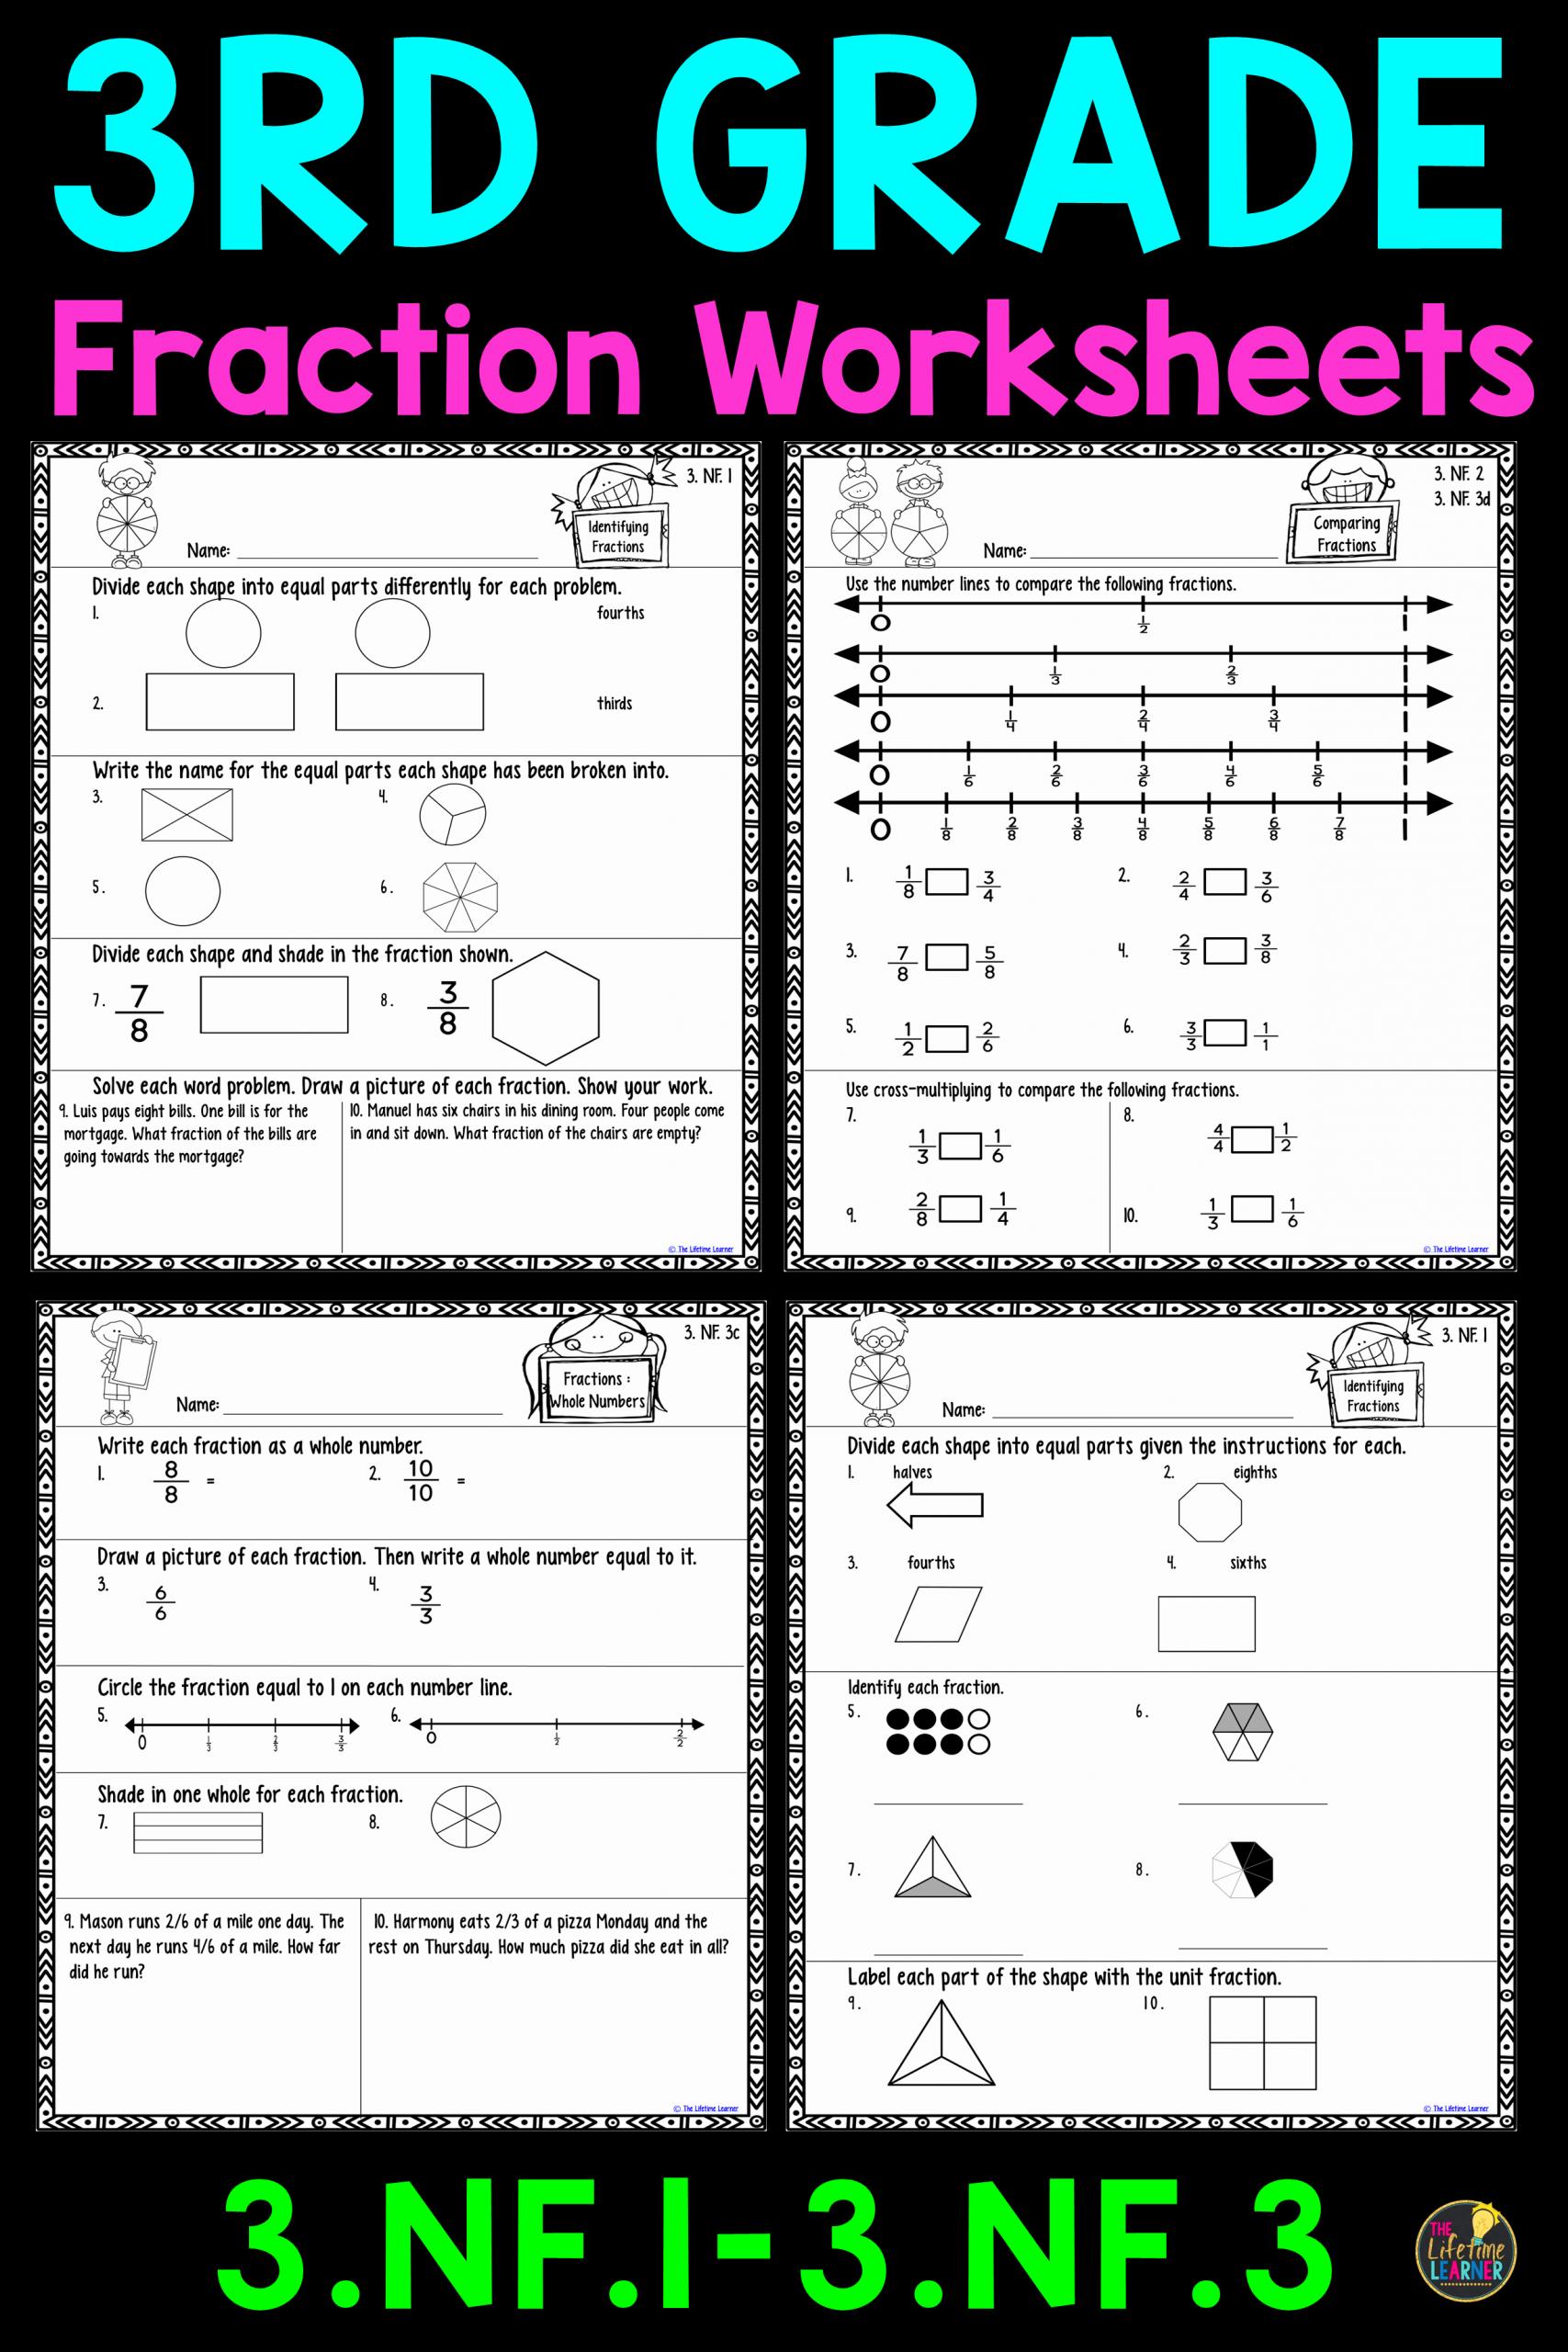 Fractions Common Core Worksheets Unique Third Grade Mon Core Fractions Worksheets